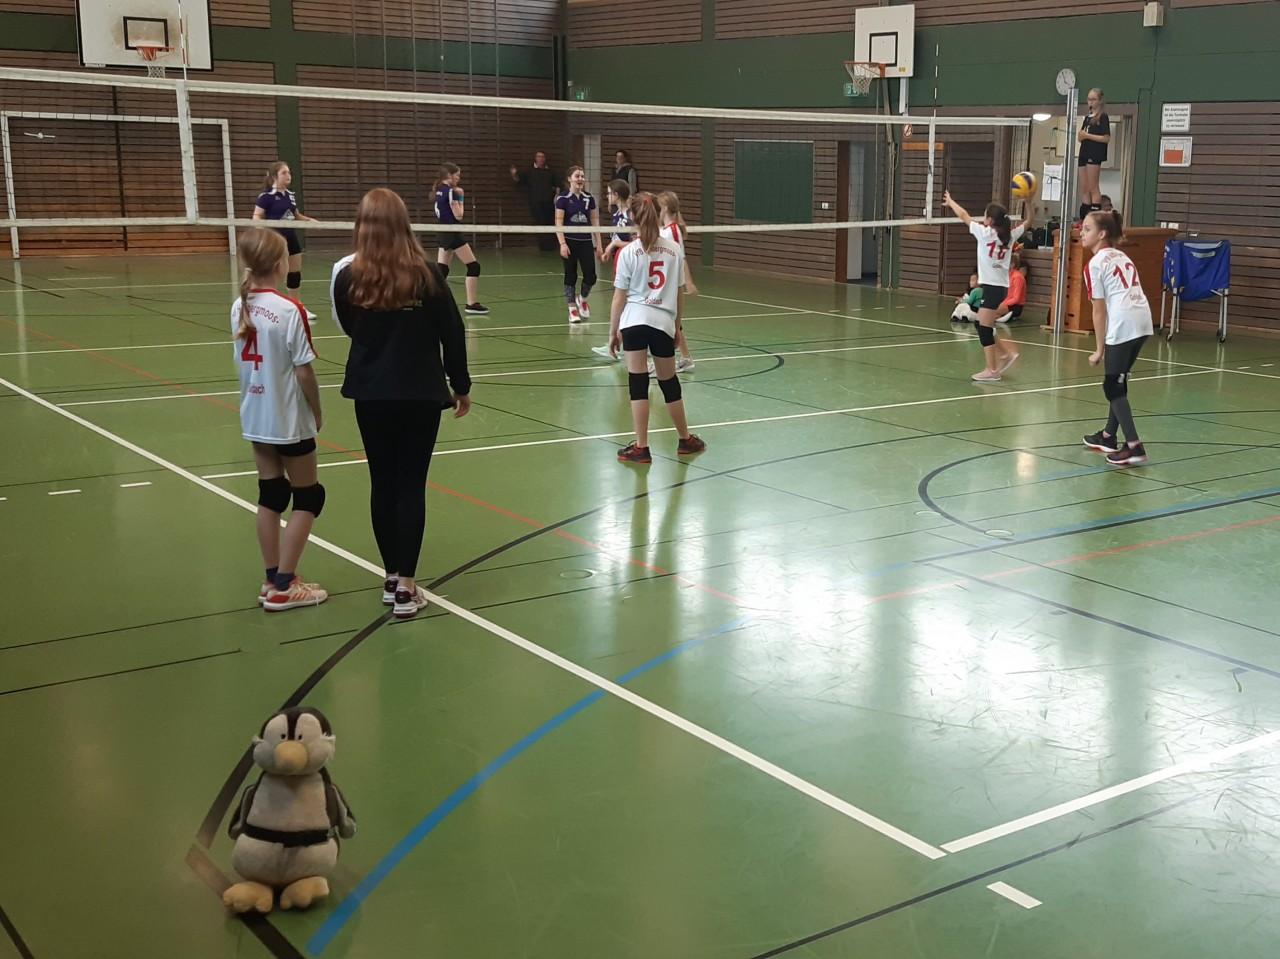 U14-Mädels holen 3. Platz beim Kreisjugendpokal